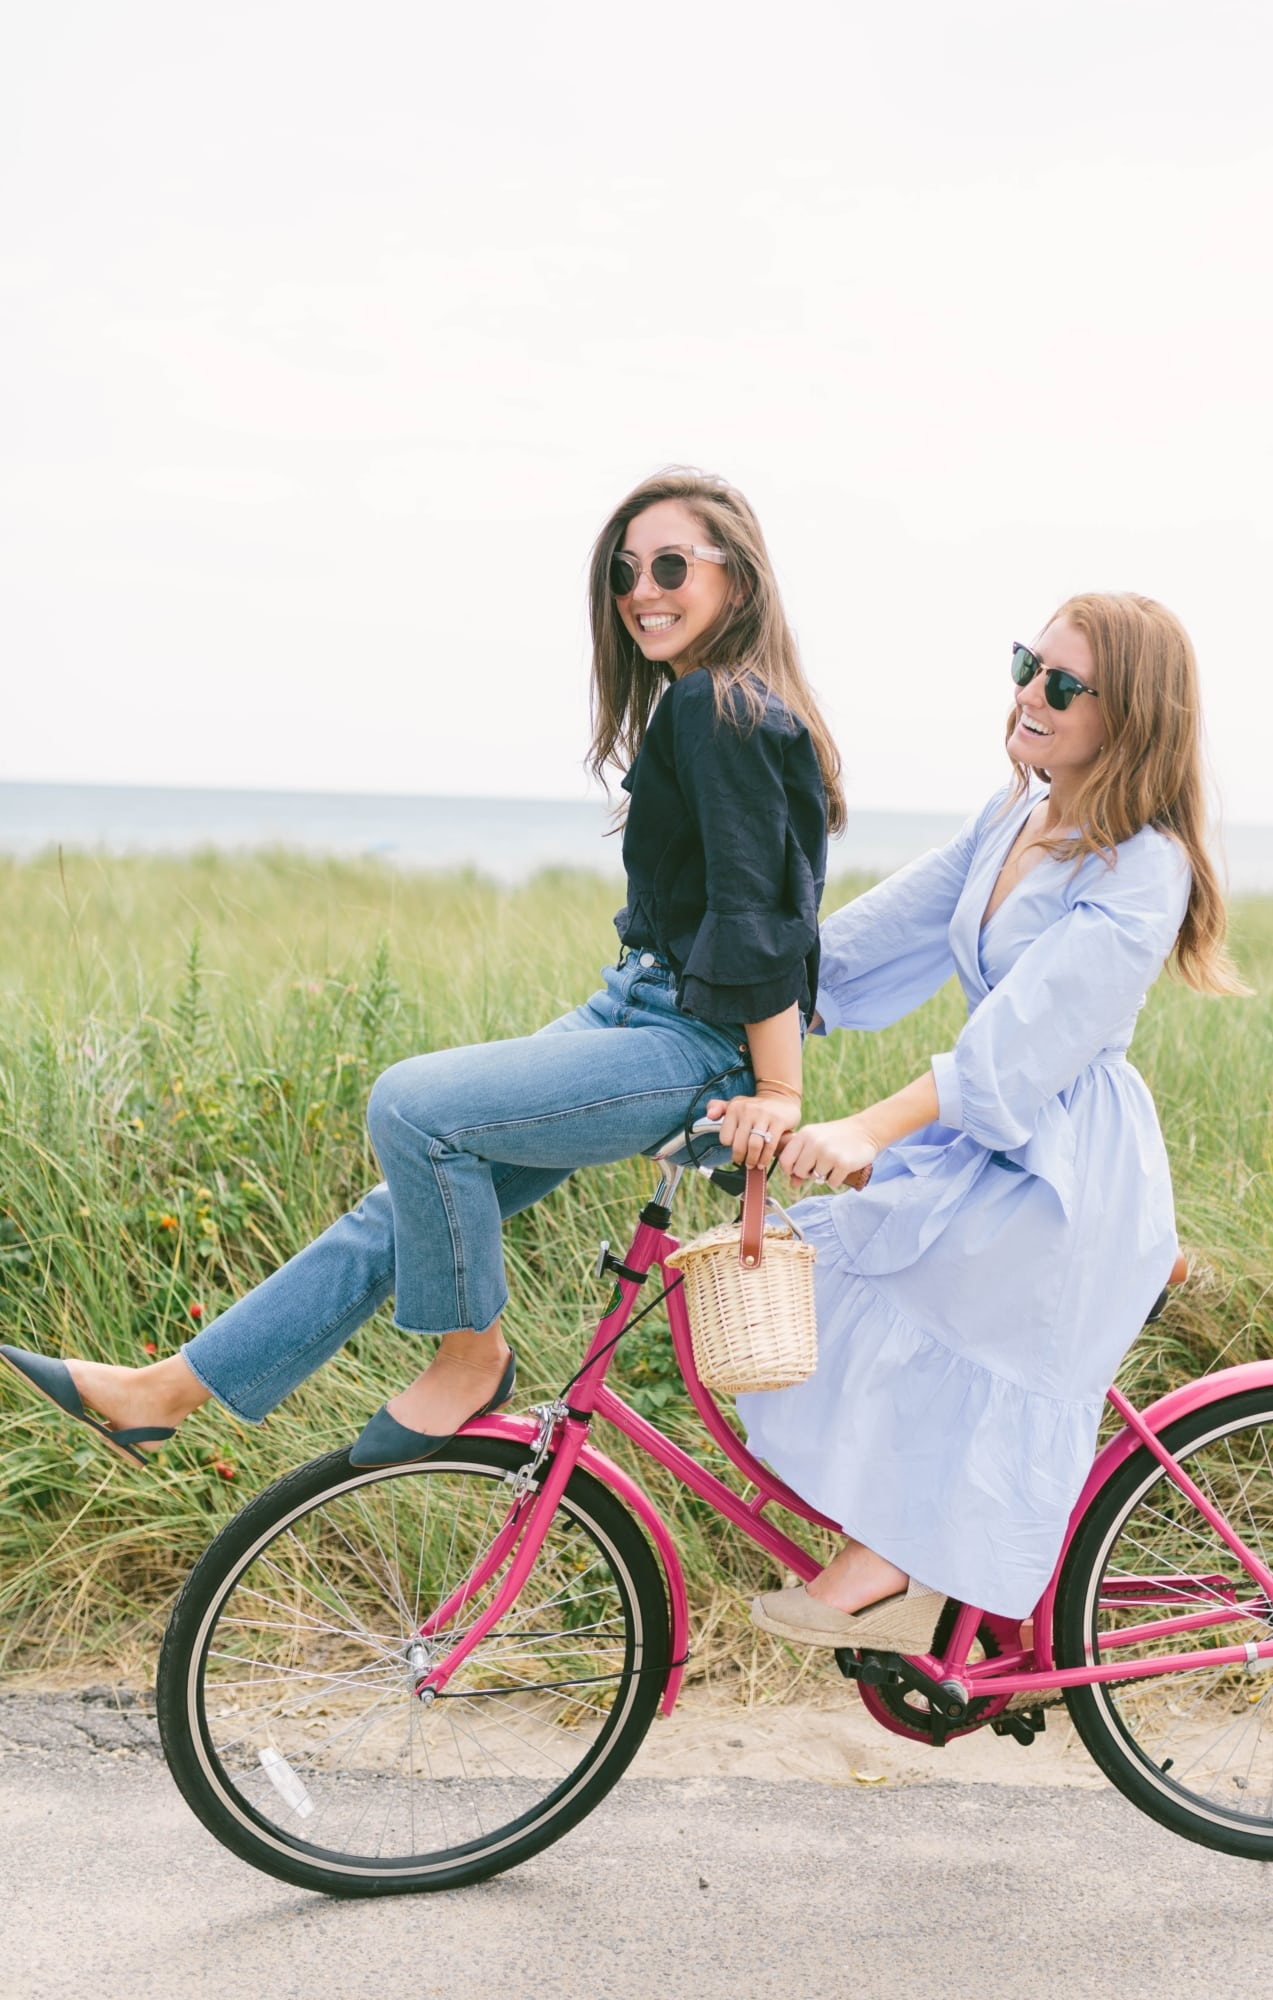 Mackenzie and Ali on a pink bike